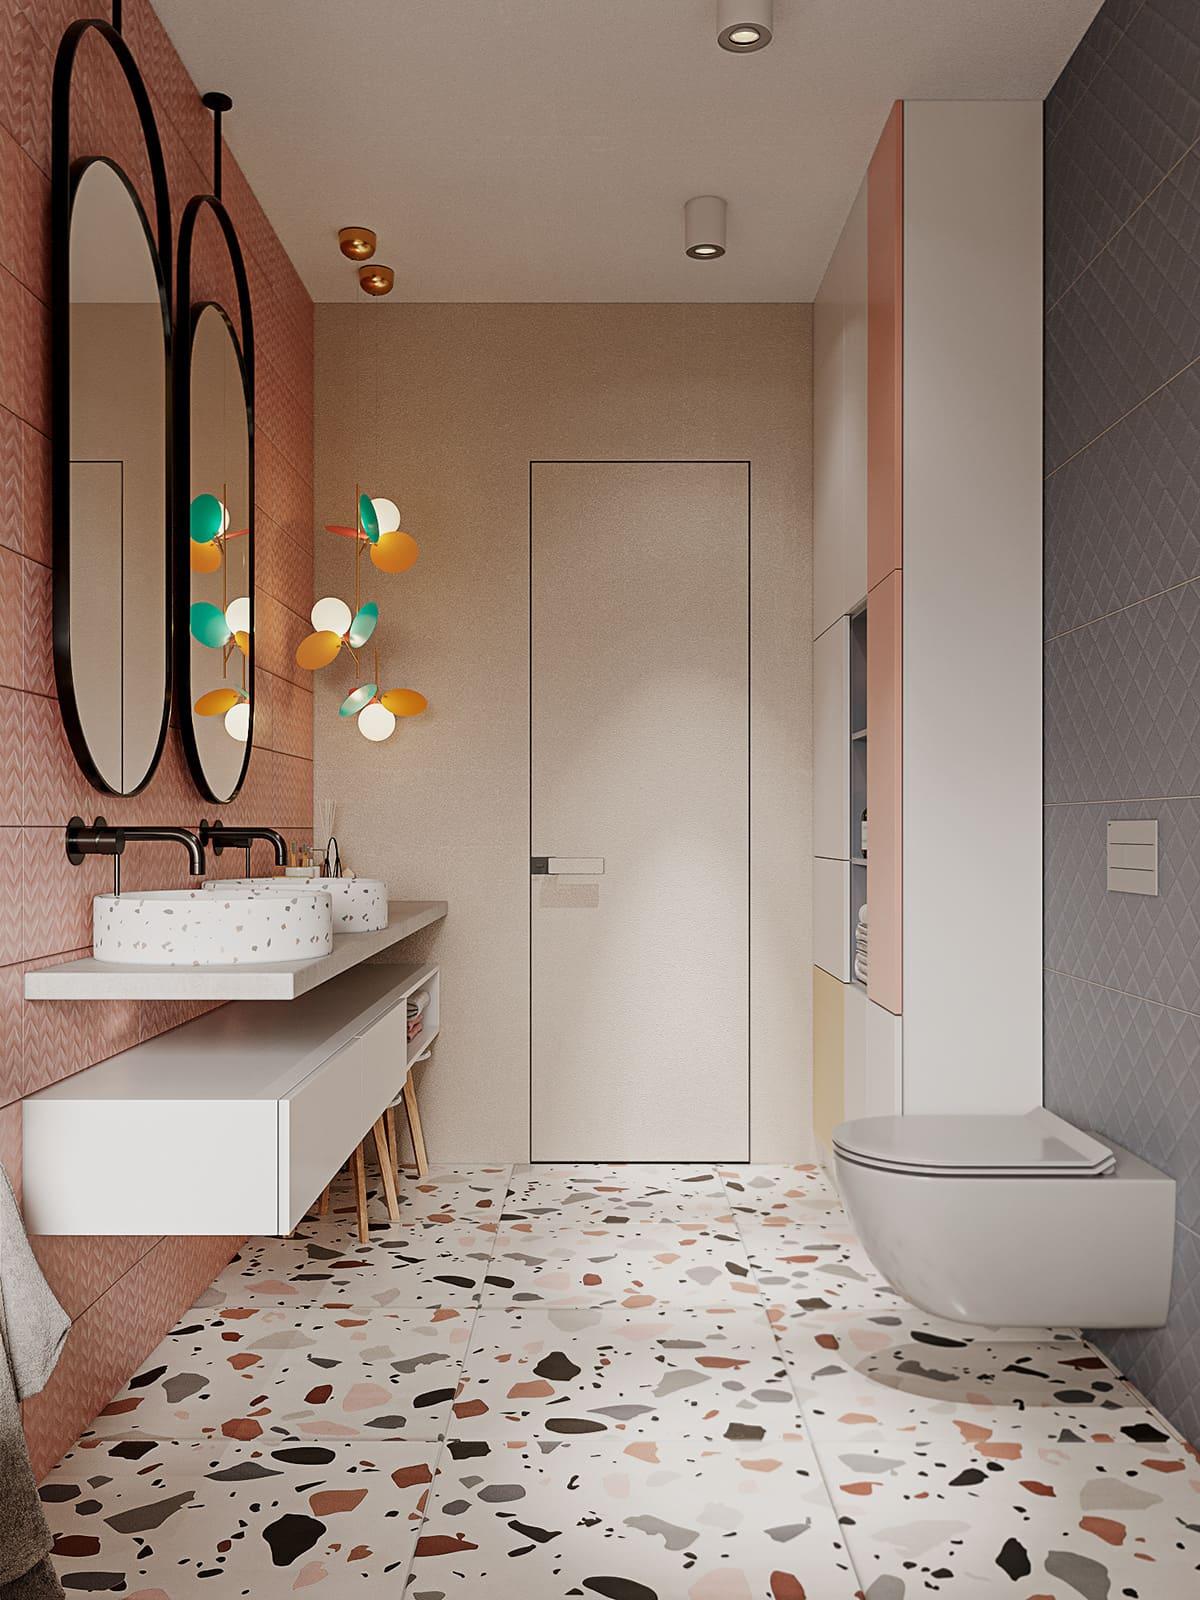 дизайн интерьера ванной комнаты фото 36